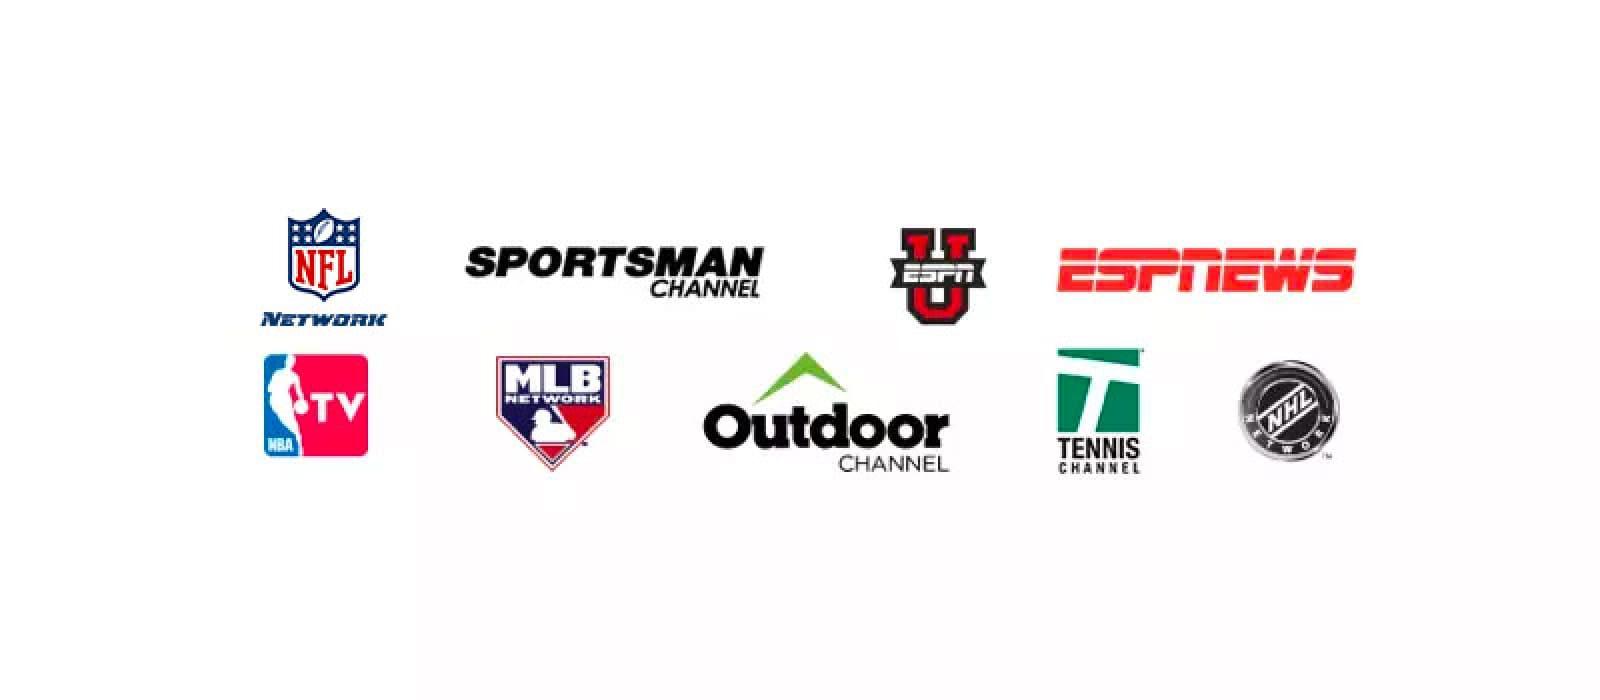 Logotipos de canales de deportes y paquetes de TV